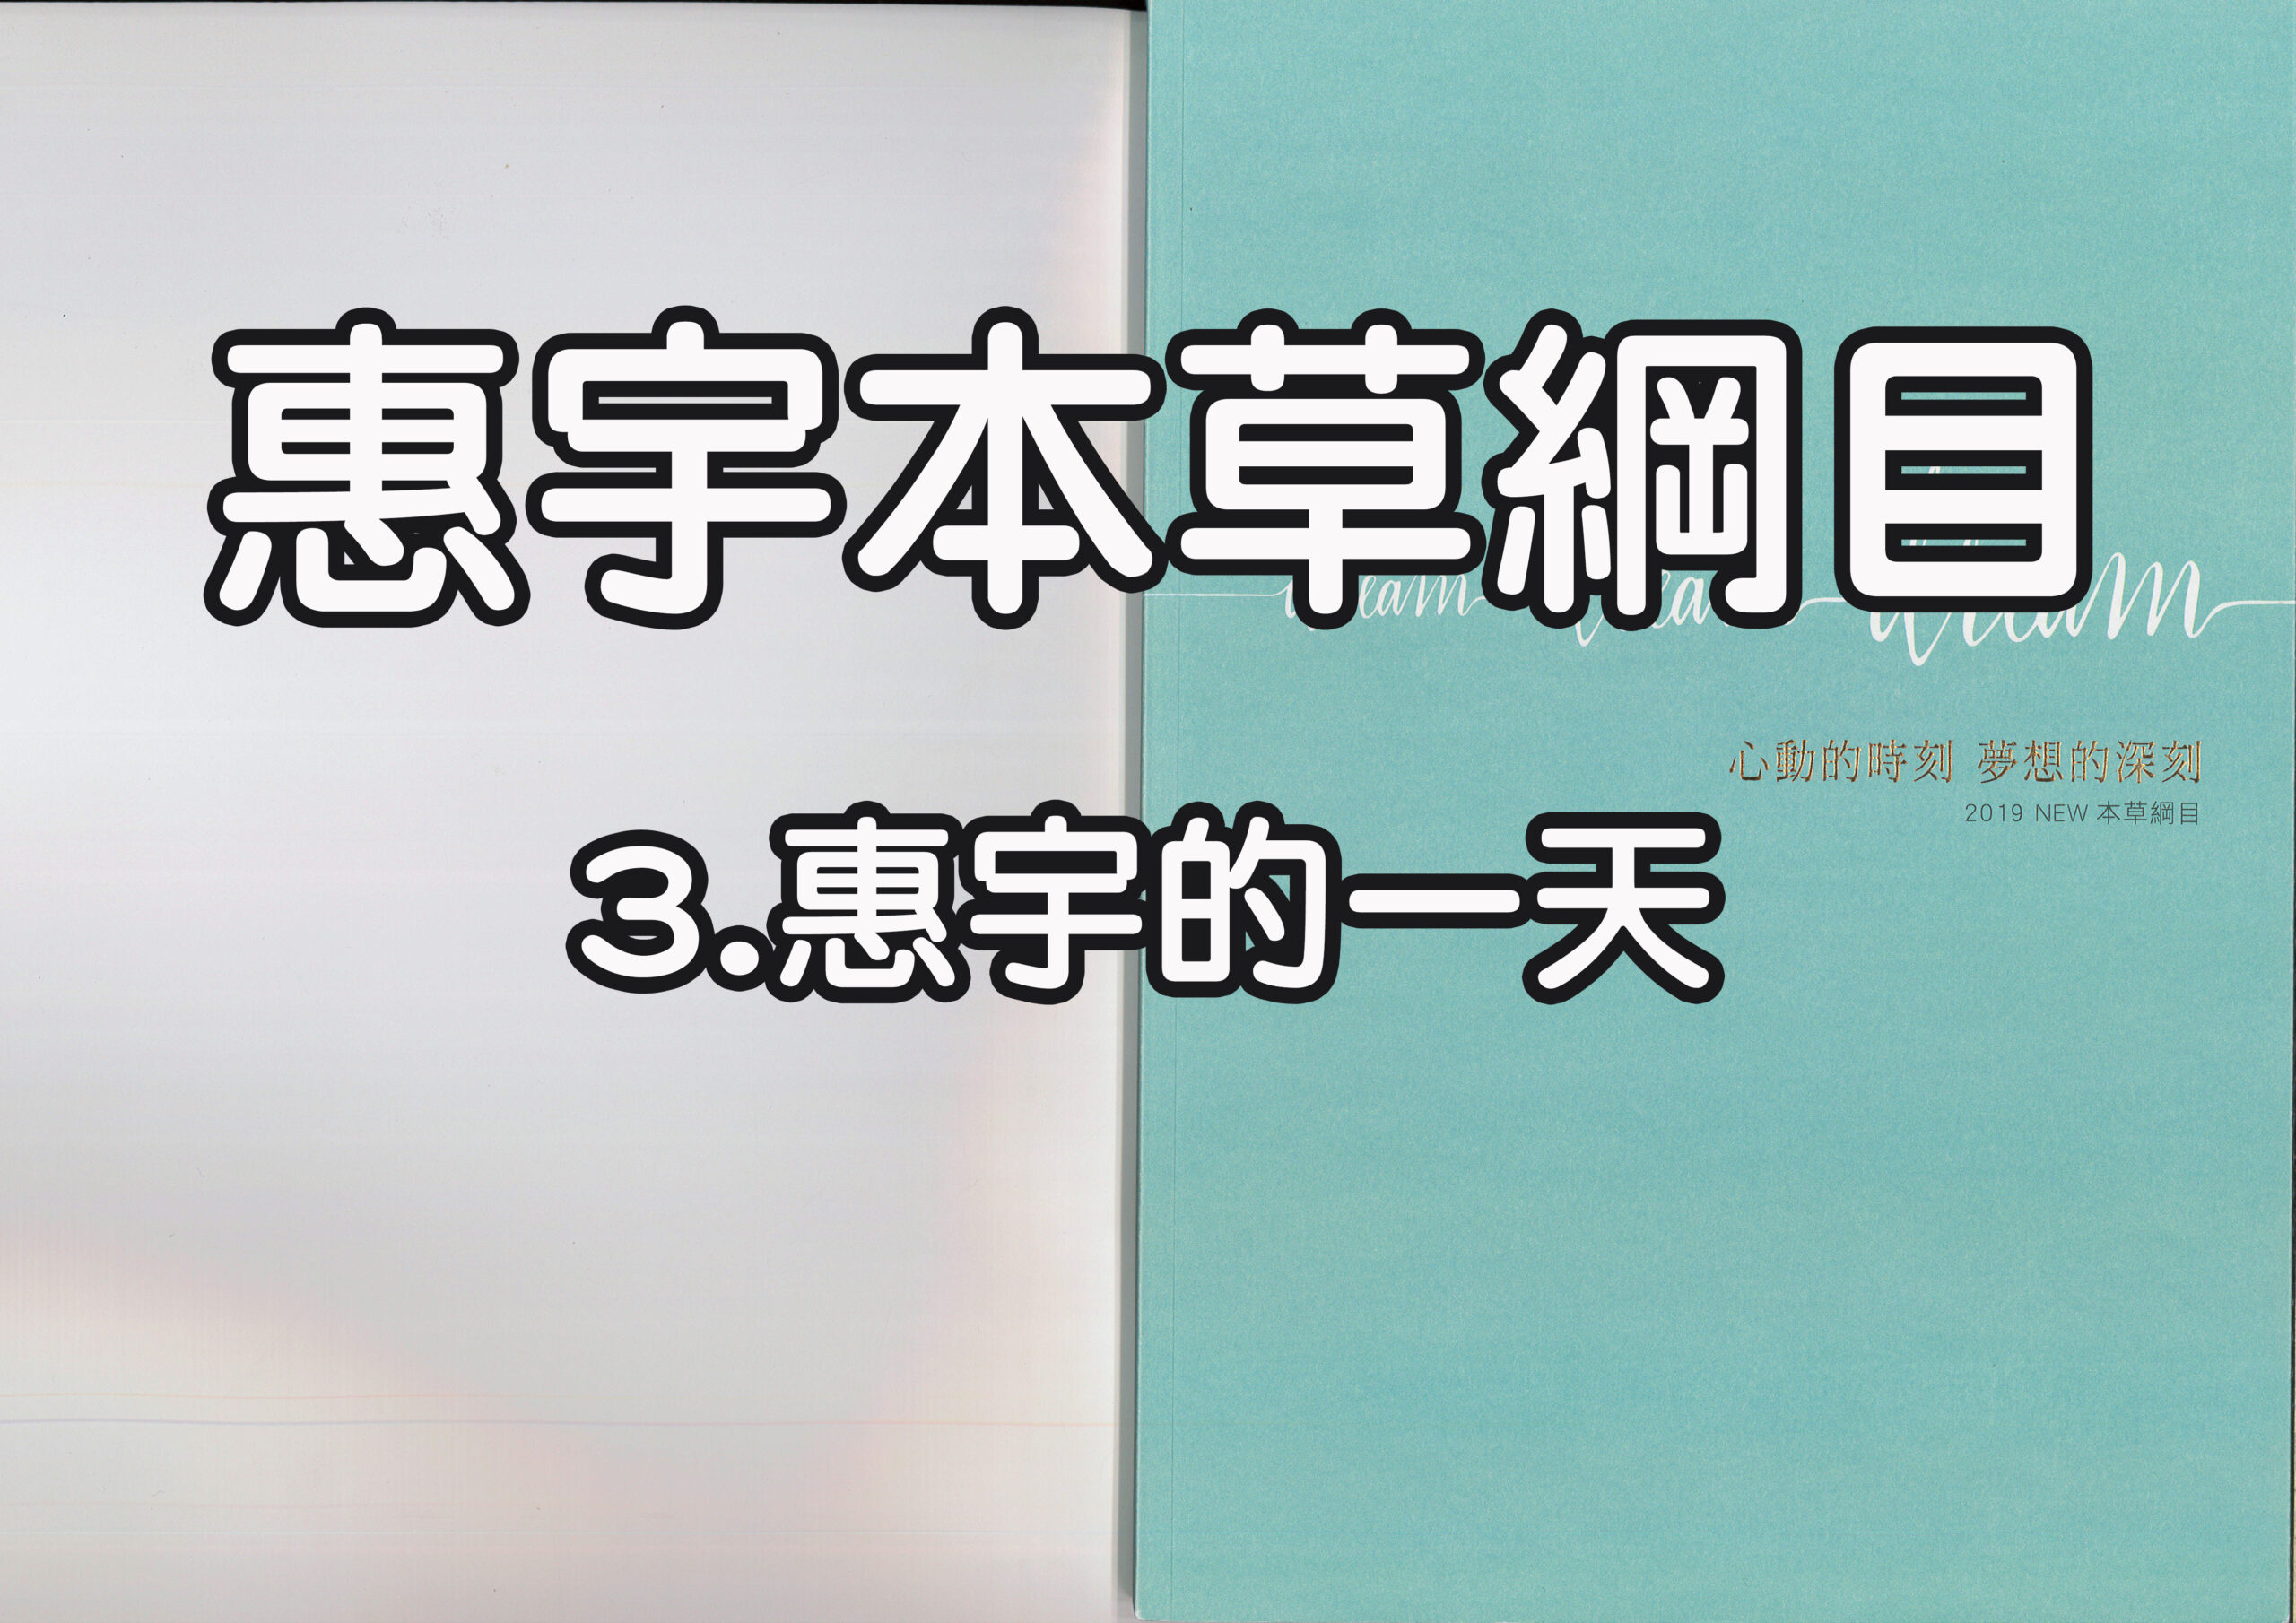 惠宇建設-本草綱目。惠宇的文化信仰介紹。3.惠宇的一天。買機捷、找安森。陳安森0979-616-027。